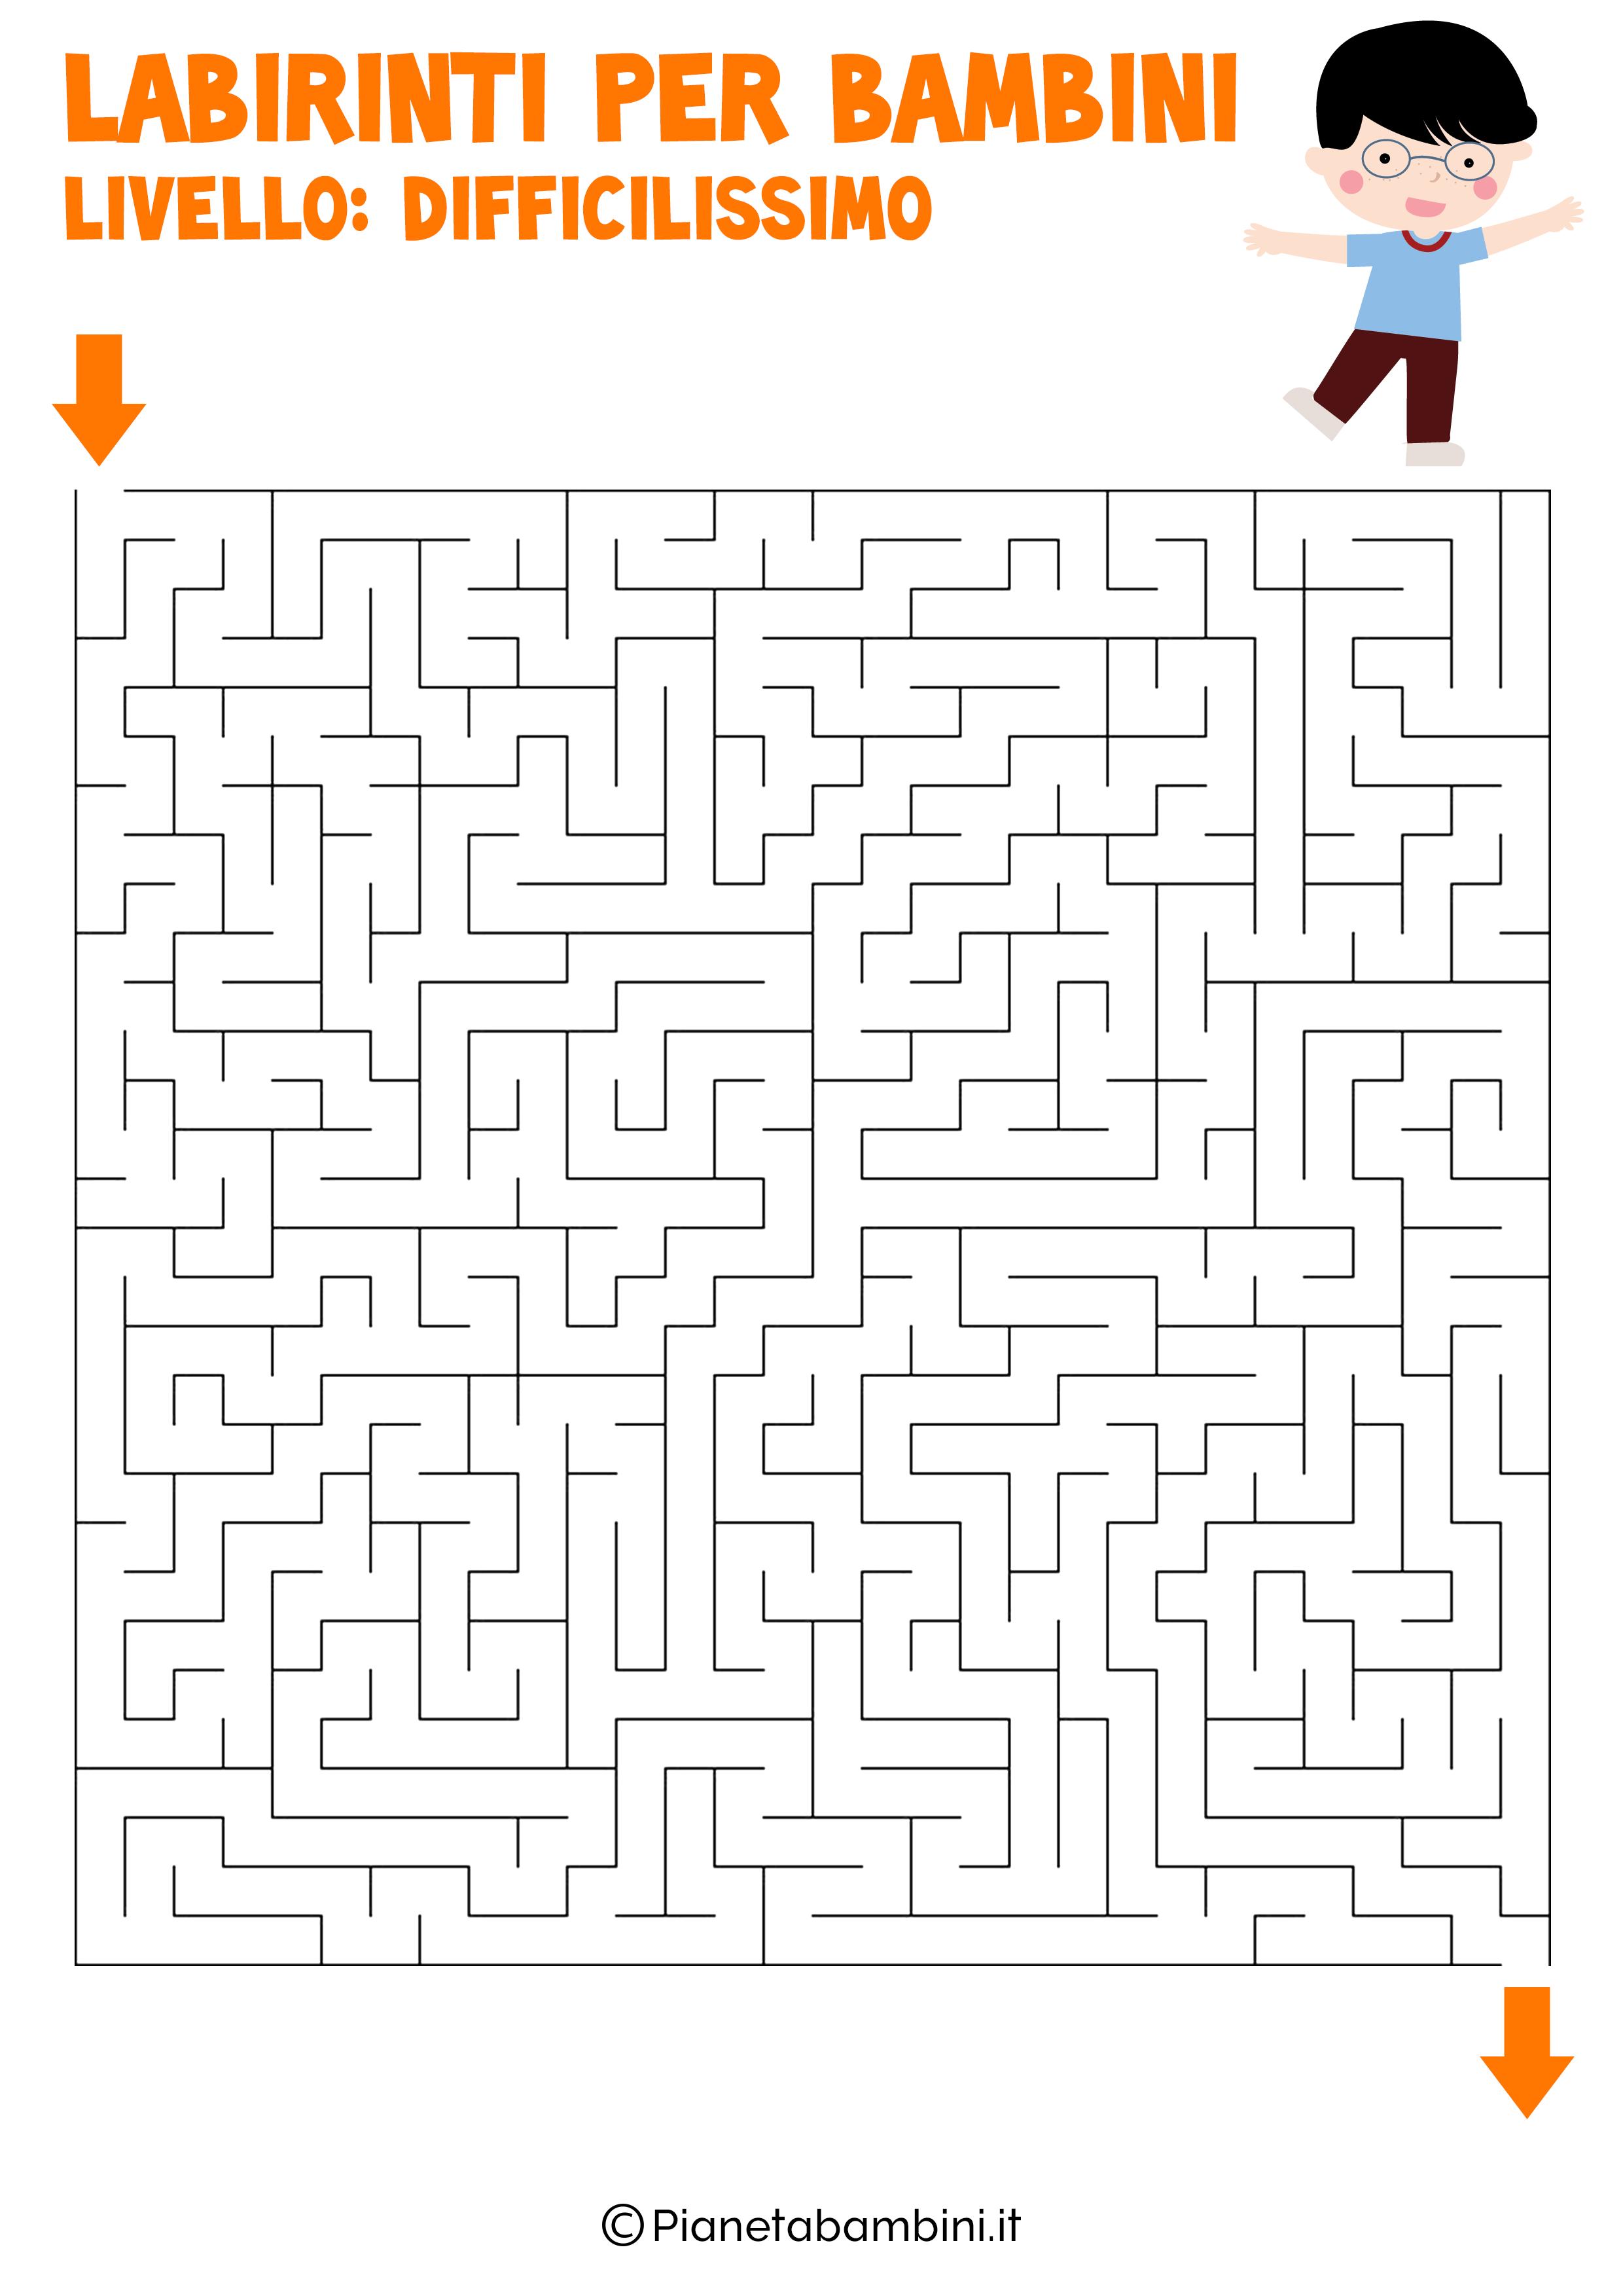 Labirinti-Difficilissimi-Bambini-11